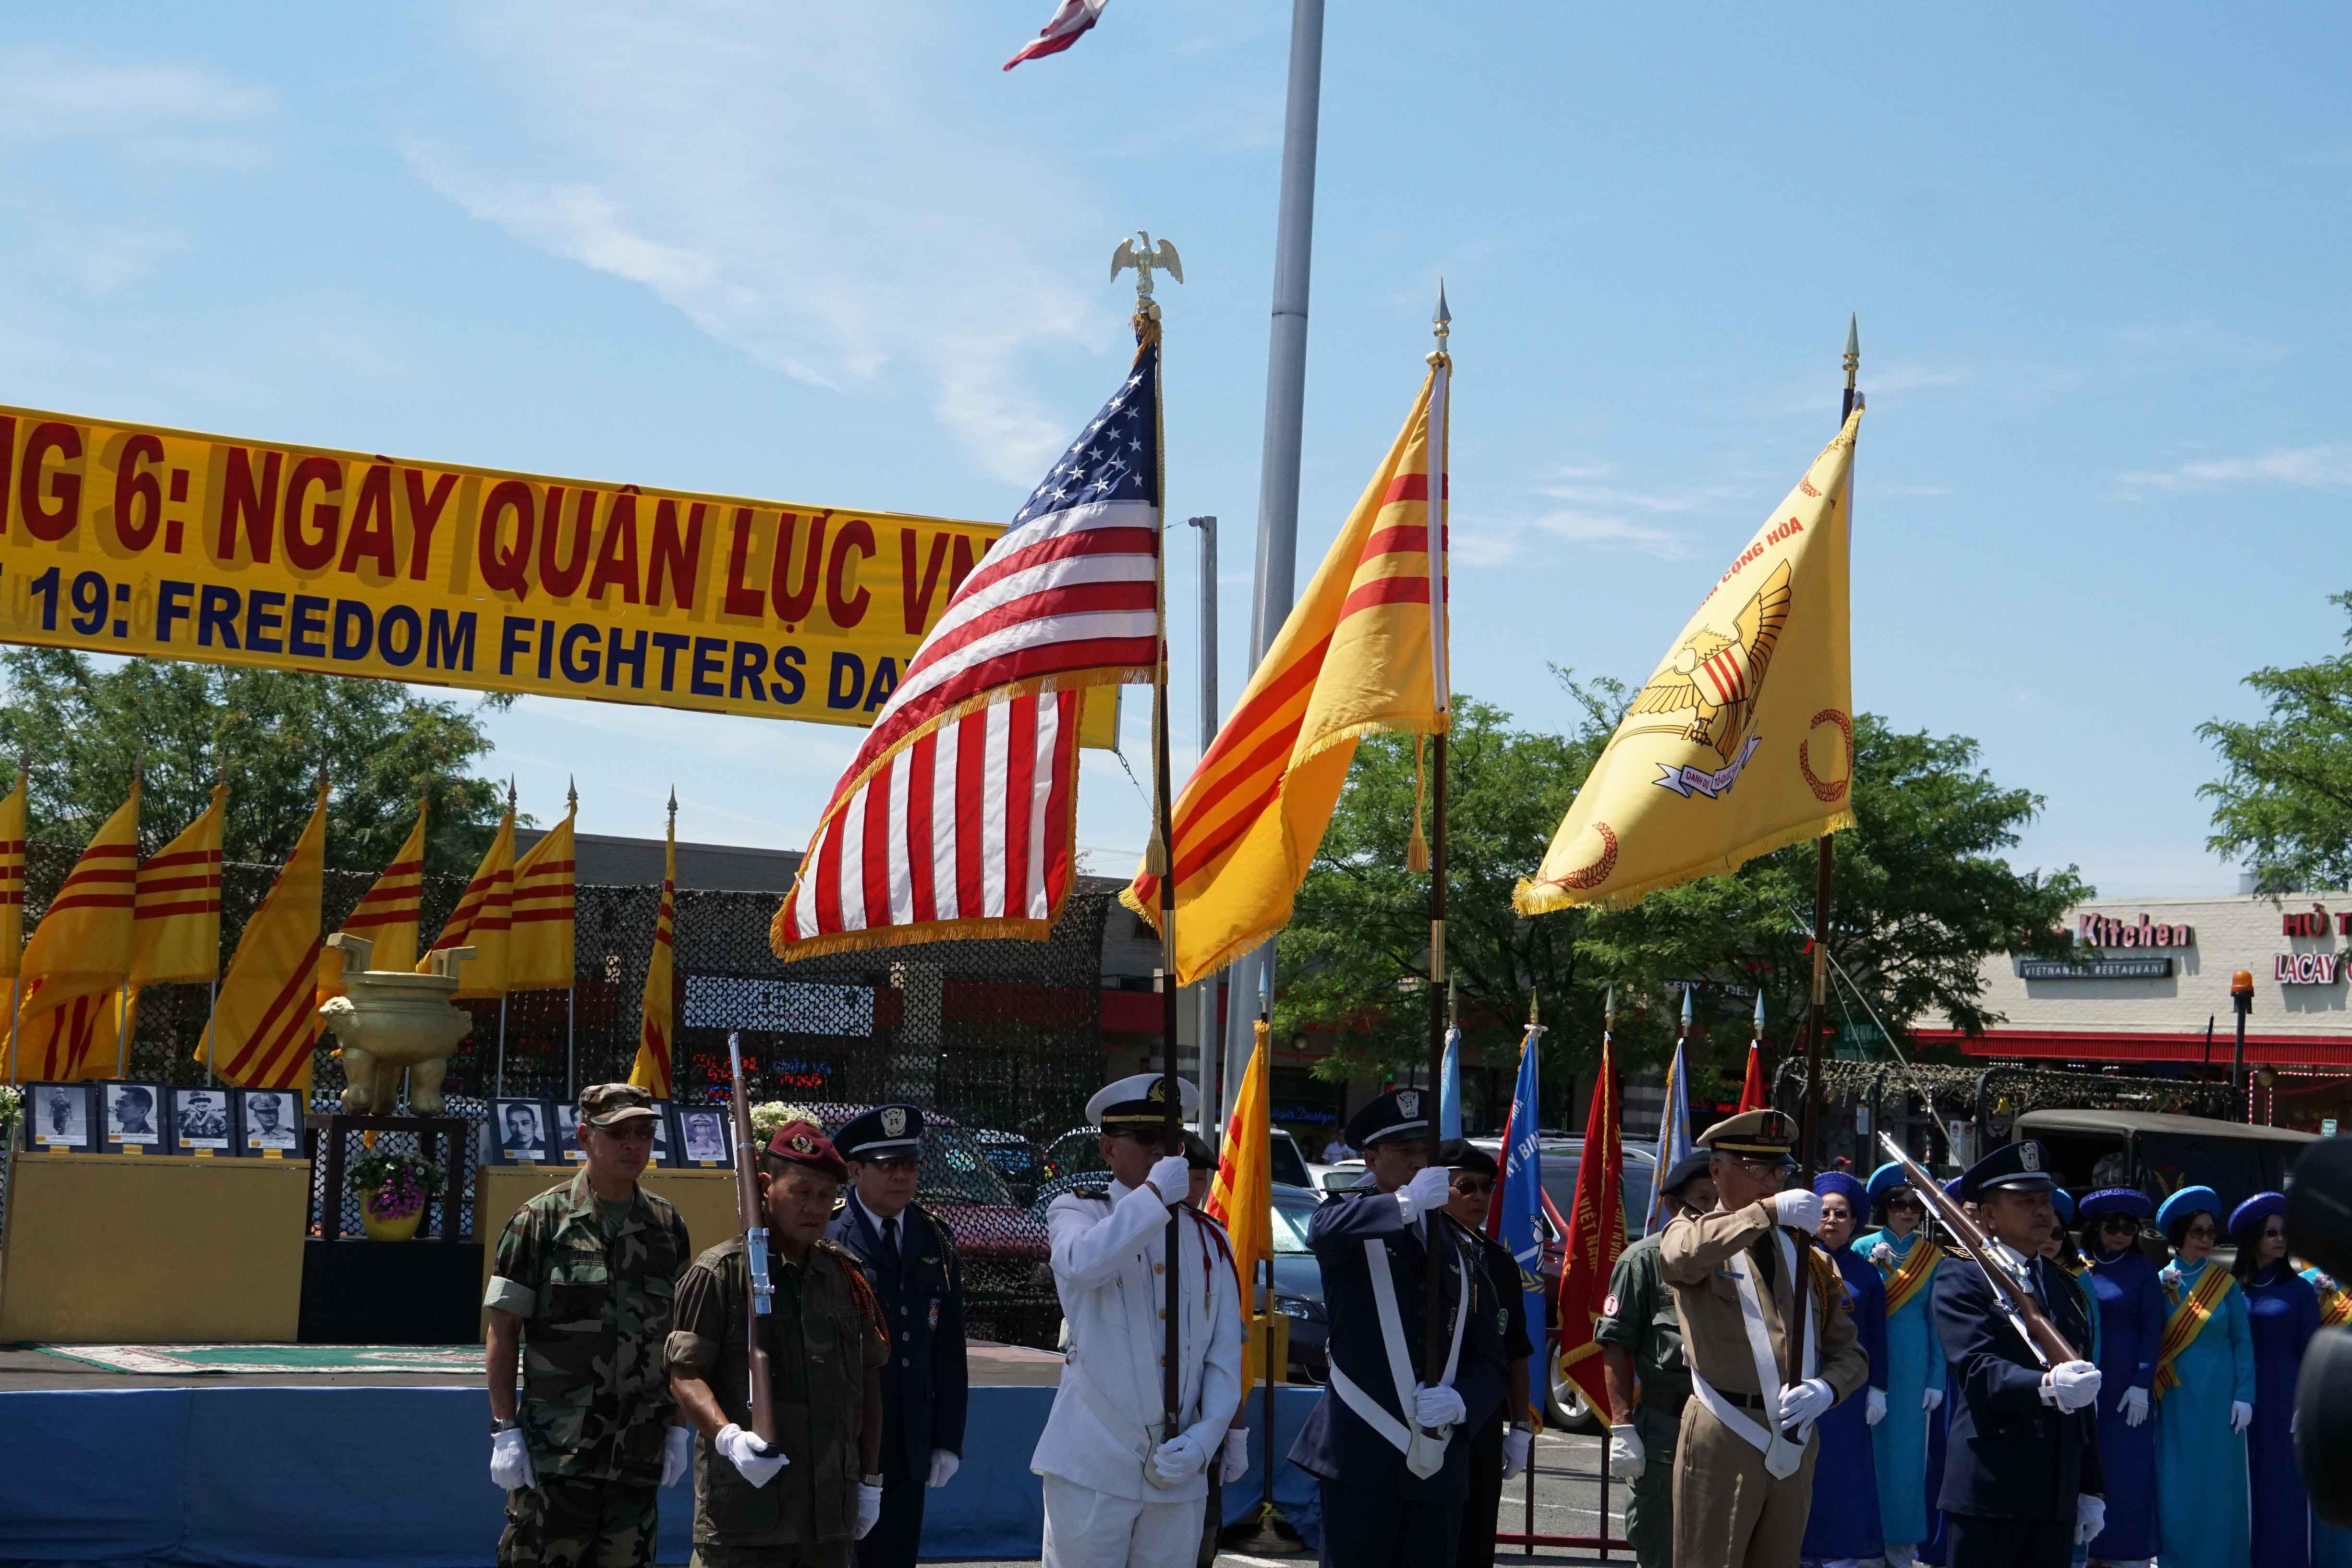 Hình ảnh Lễ Kỷ niệm Ngày Quân Lực VNCH 19/6 tại Virginia